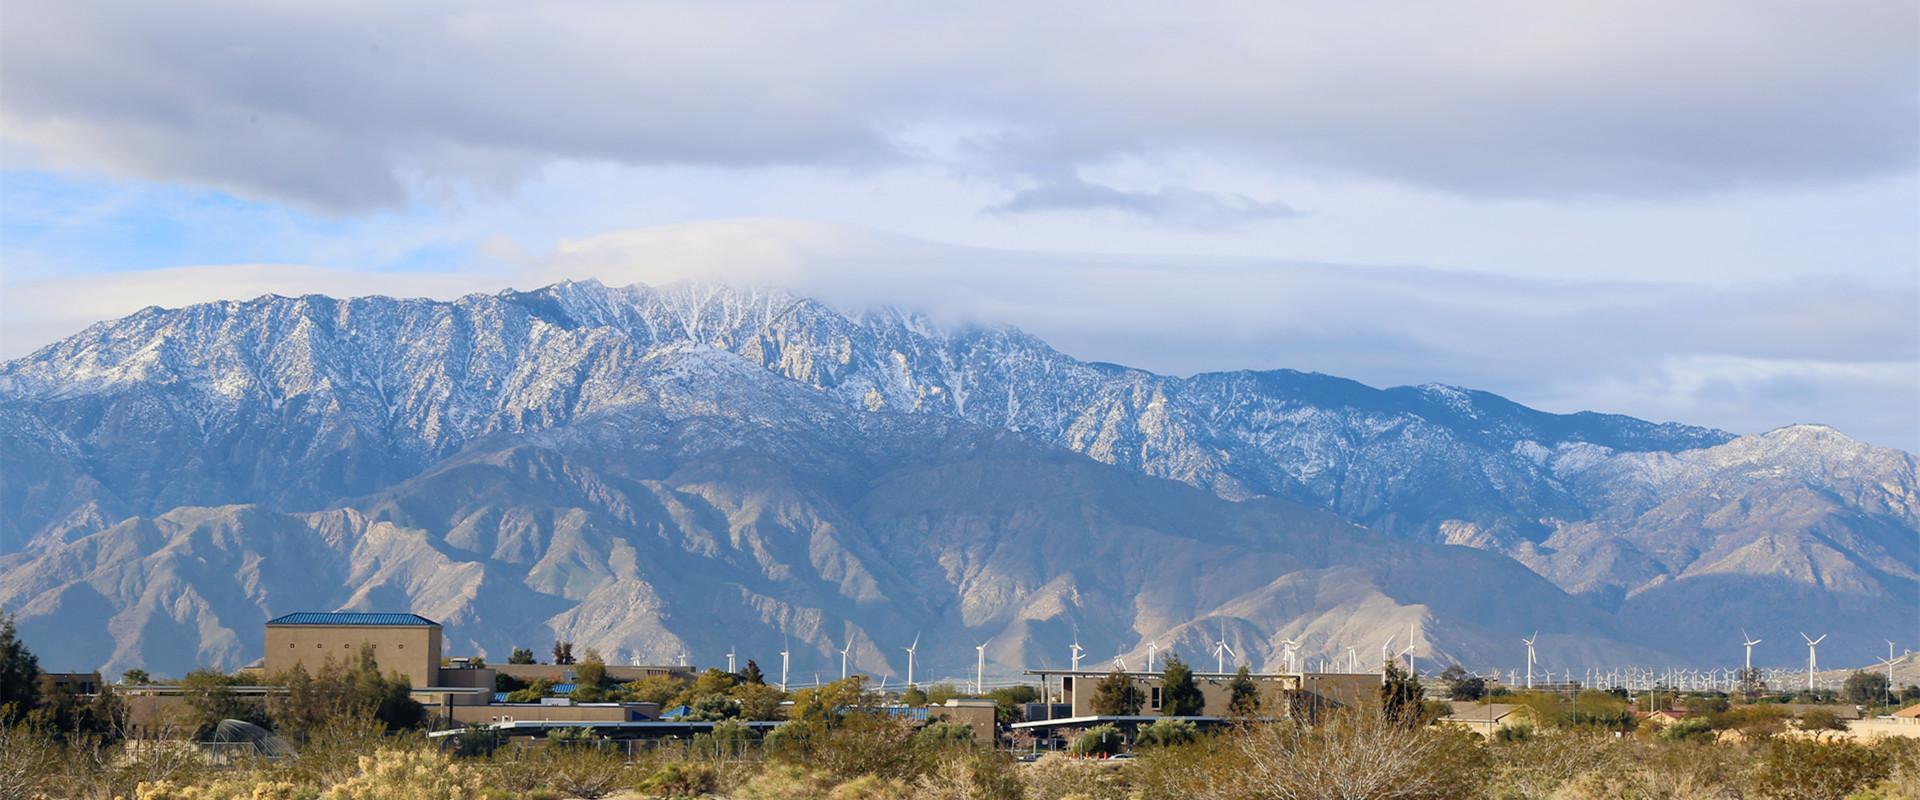 圣哈辛托峰 San Jacinto Peak